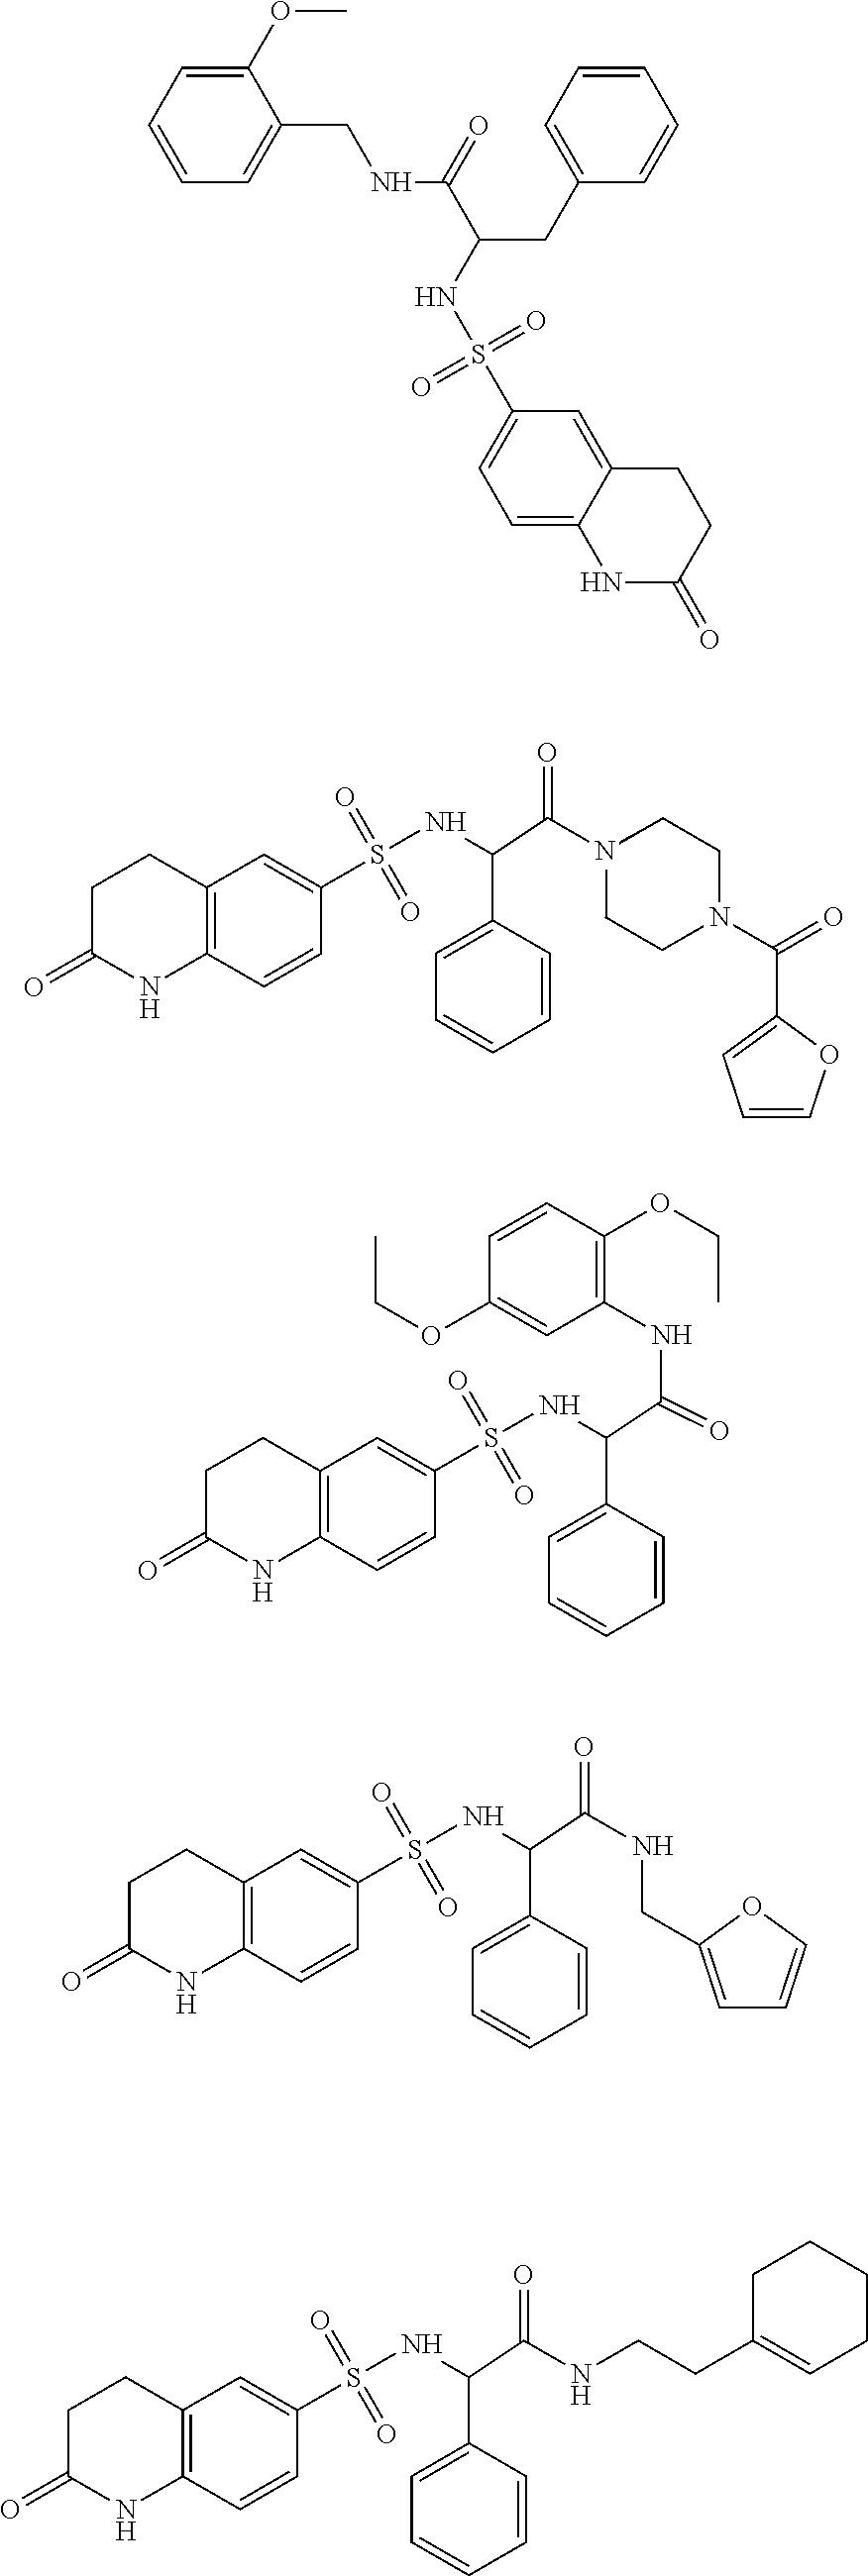 Figure US08957075-20150217-C00023